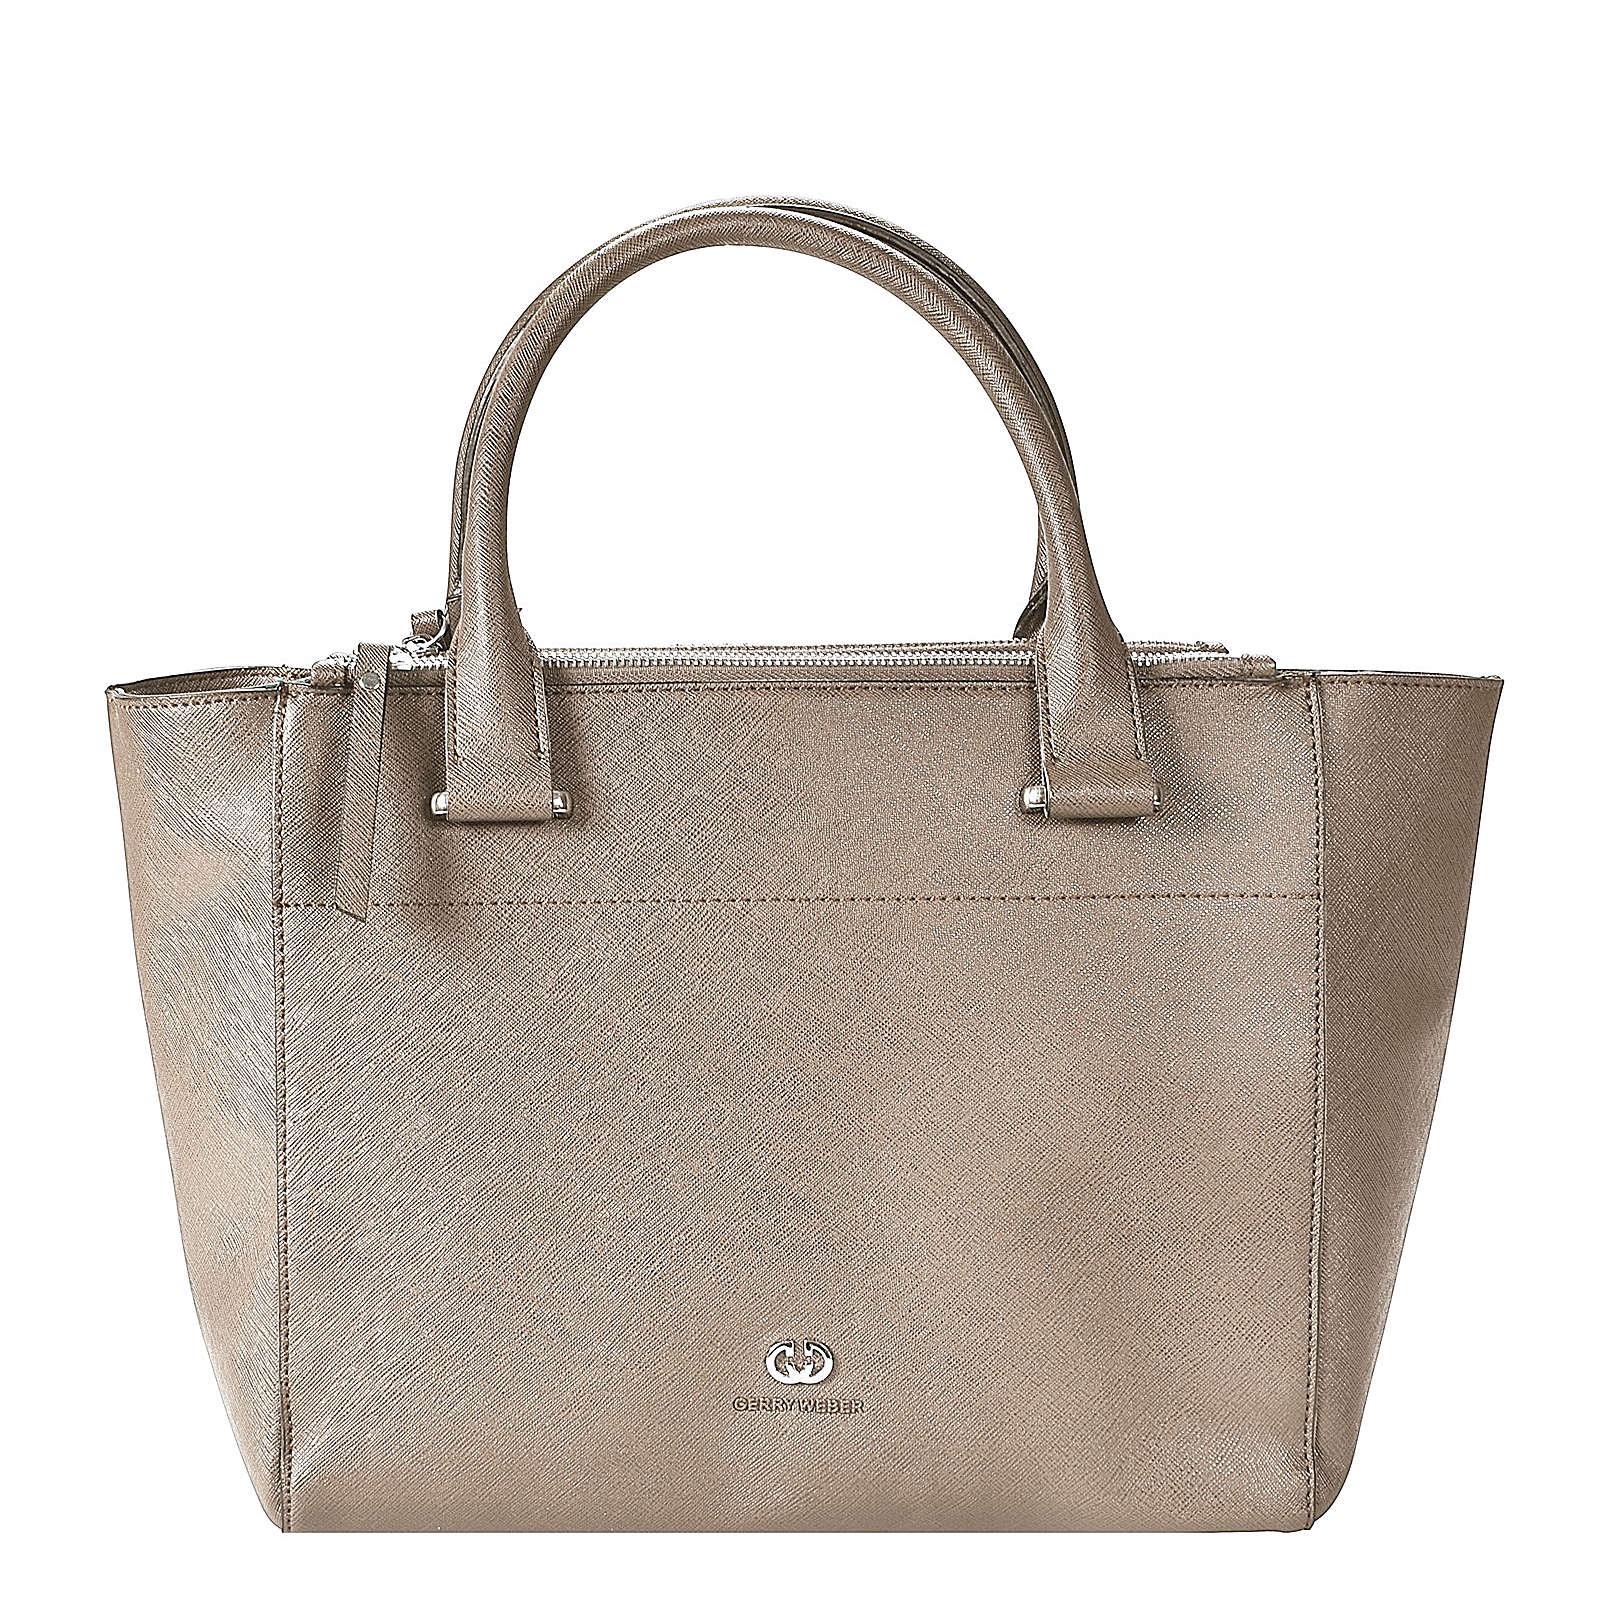 Sparkle Shopper Tasche 30 cm Gerry Weber light grey - broschei